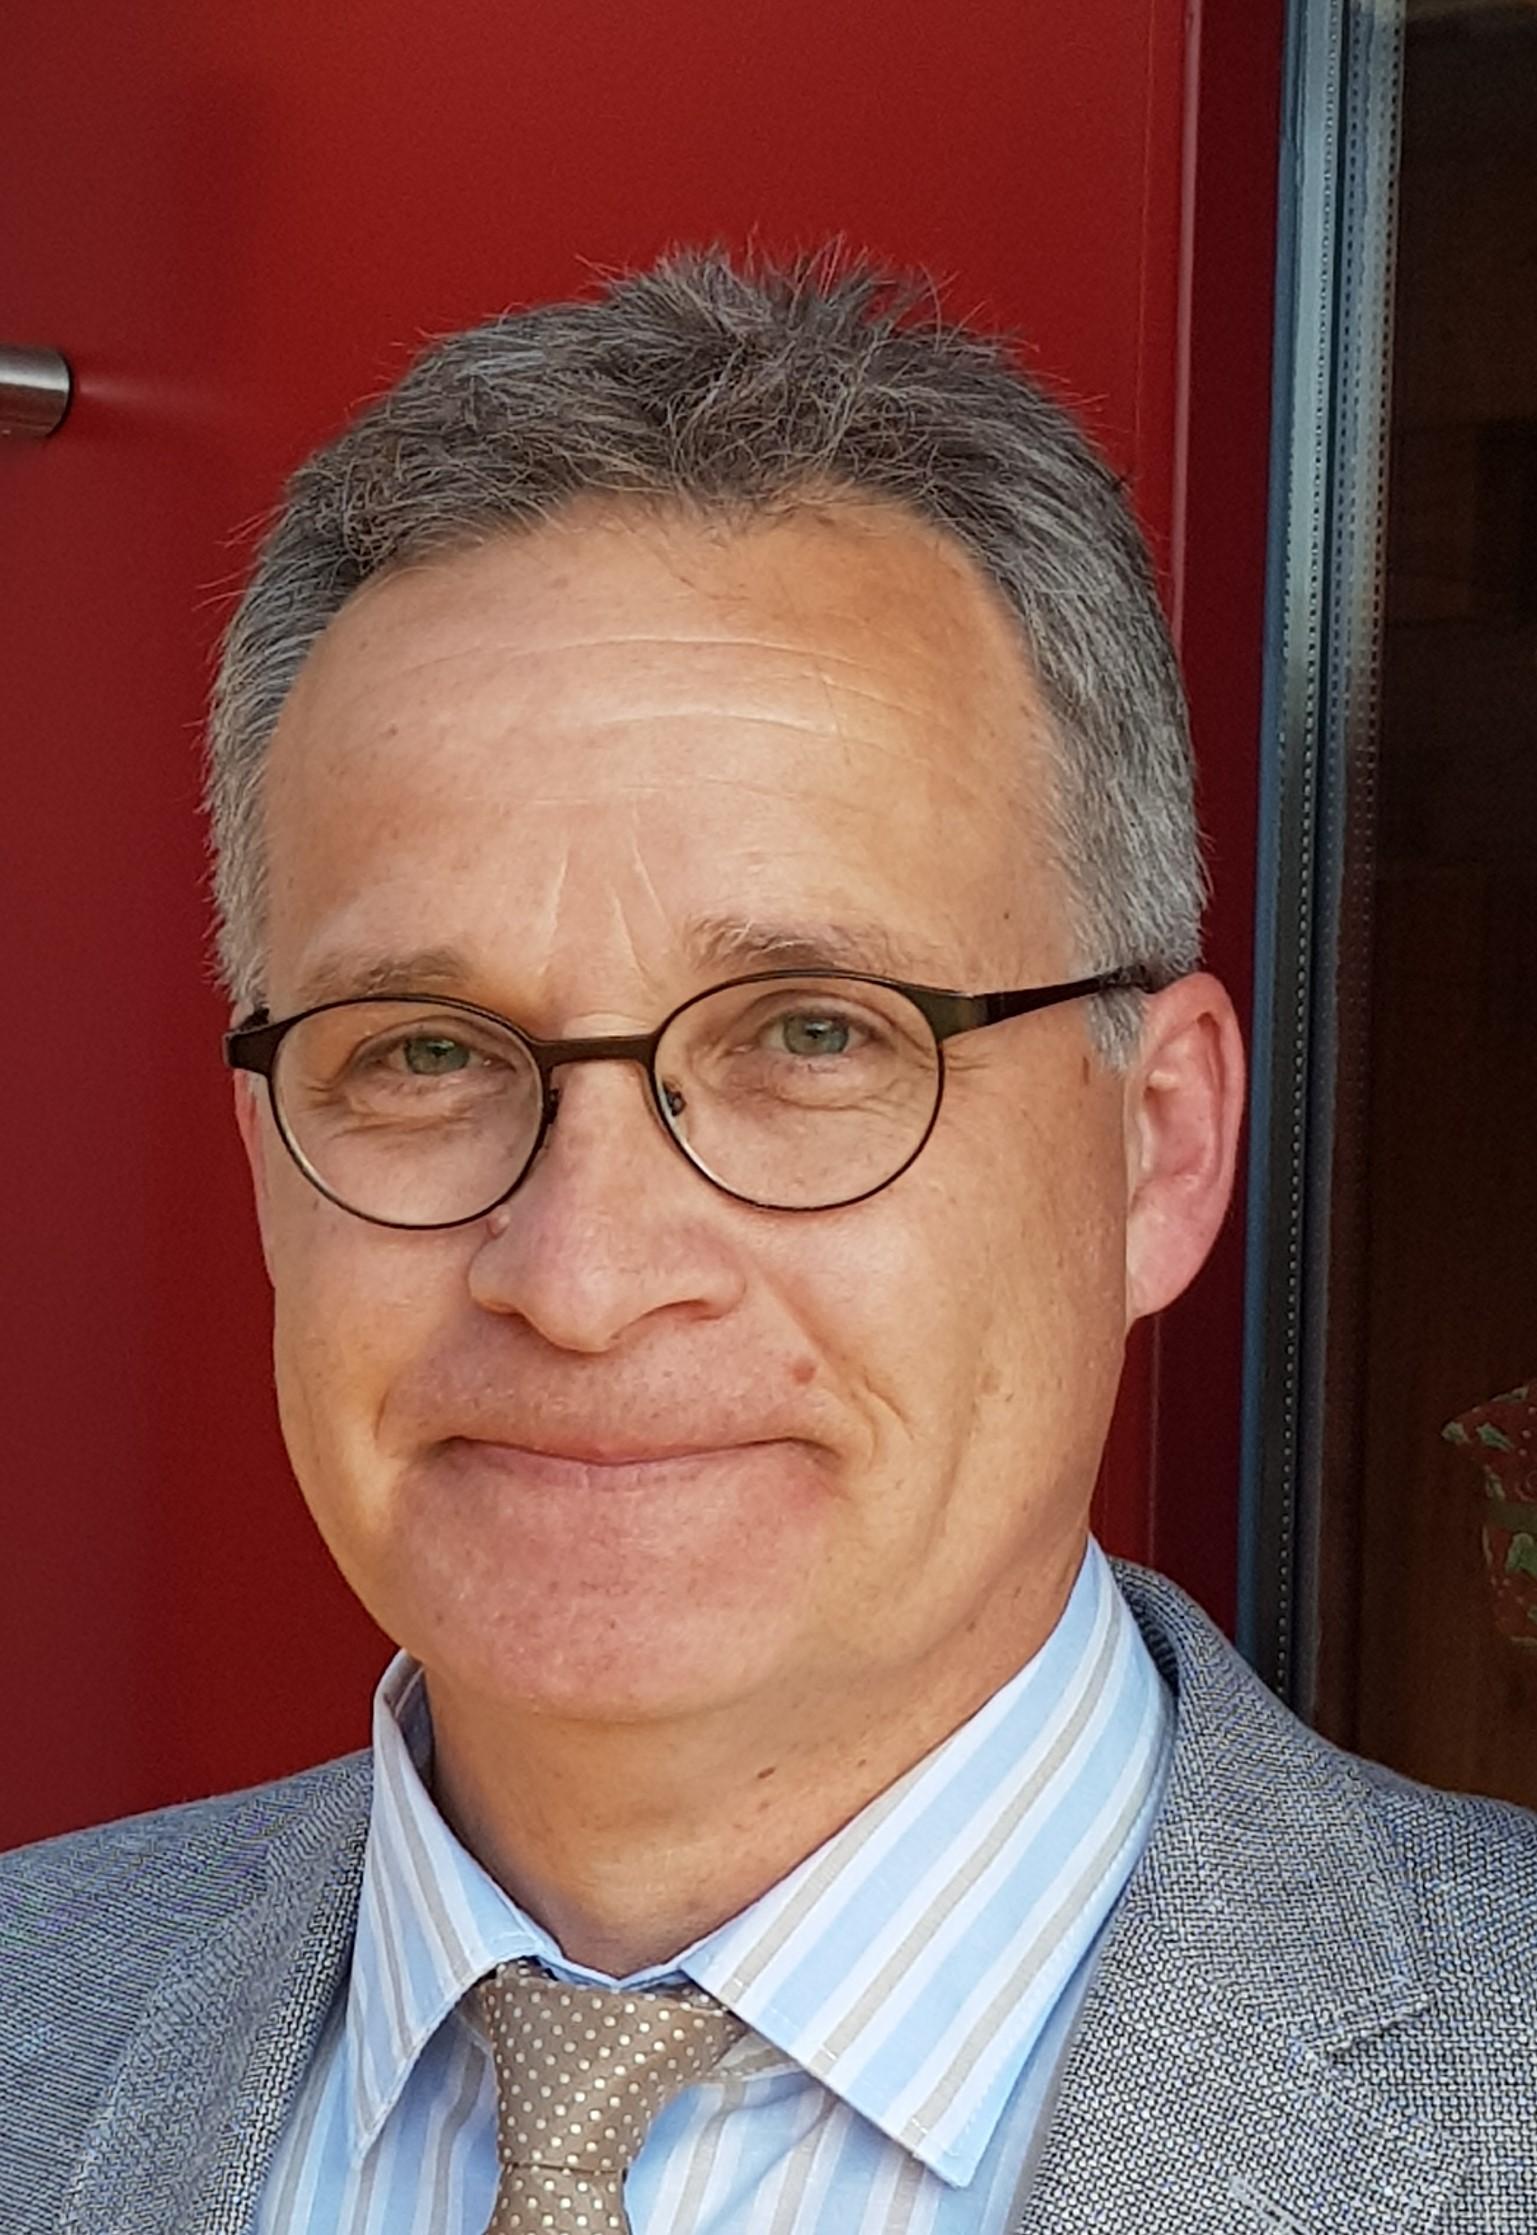 Dr. Gerhard Knodt